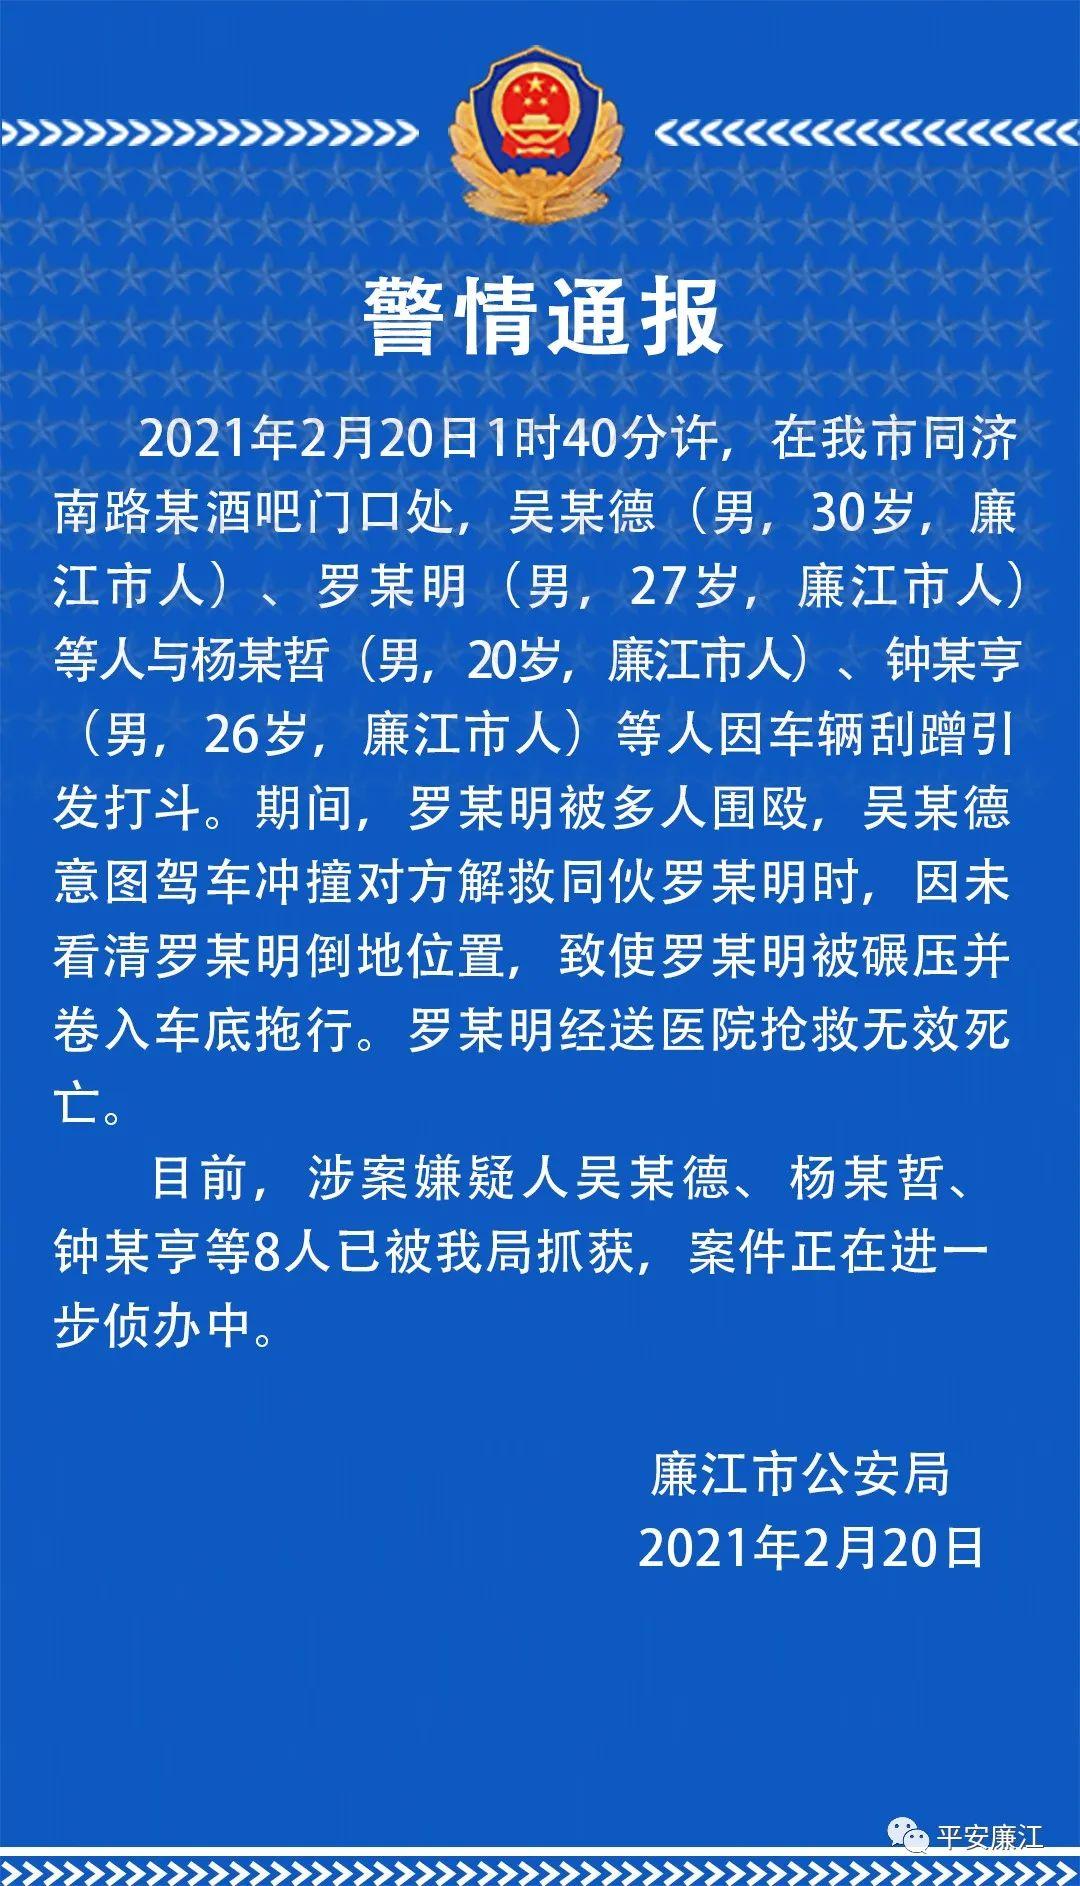 广东湛江男子被围殴后遭车辆碾压 警方通报